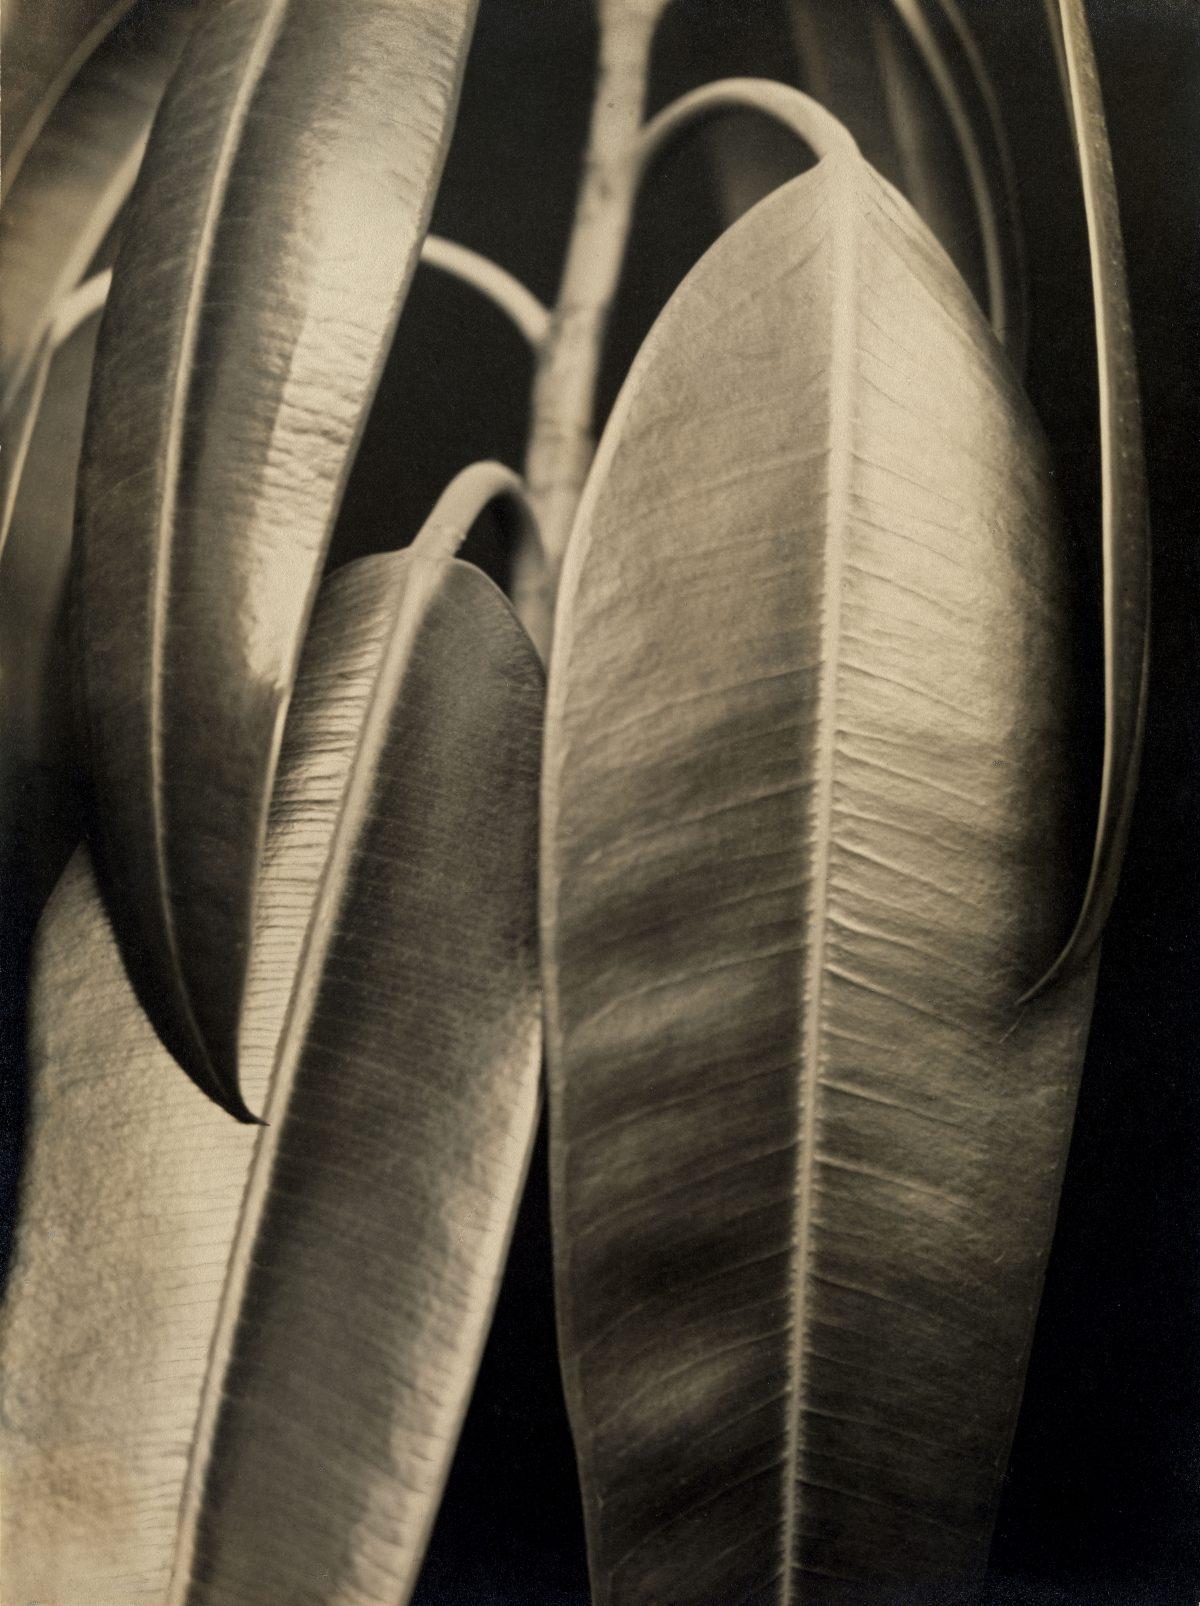 Aenne Biermann, Ficus elastica, 1926-28, Silbergelatine-Abzug, 46,7 x 35 cm, Foto: Sibylle Forster, Stiftung Ann und Jürgen Wilde, Pinakothek der Moderne, München